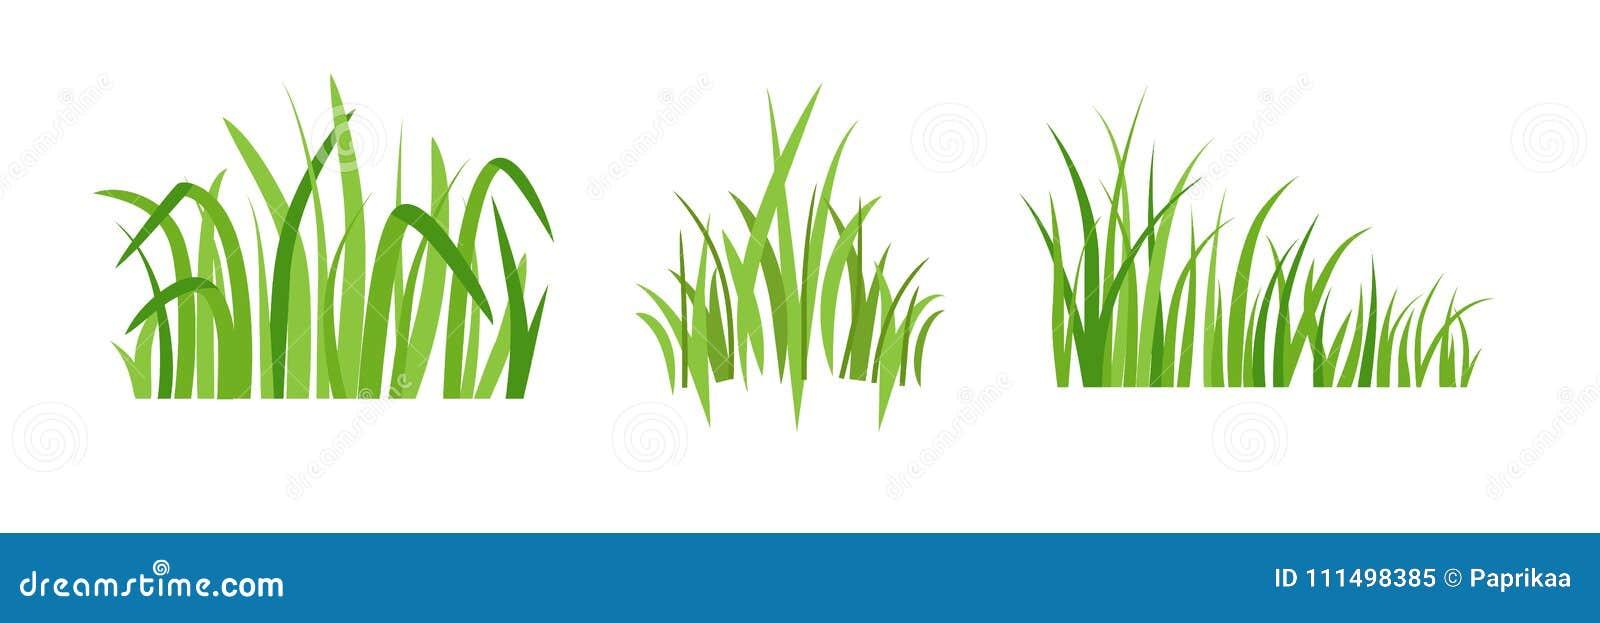 Symboler Eco för grönt gräs